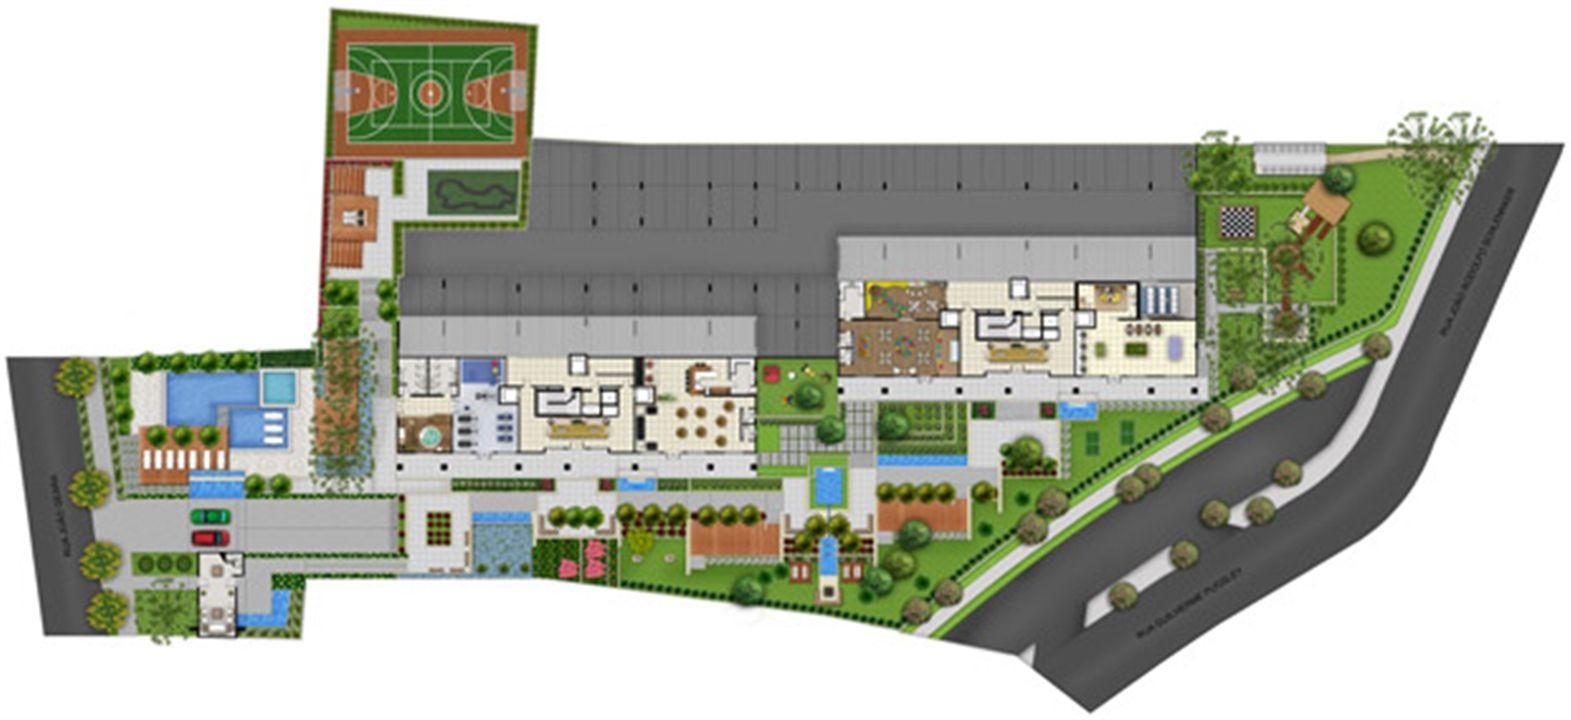 Perspectiva Ilustrada da Implantação   Acqua Verde Family Space – Apartamentono  Água Verde - Curitiba - Paraná